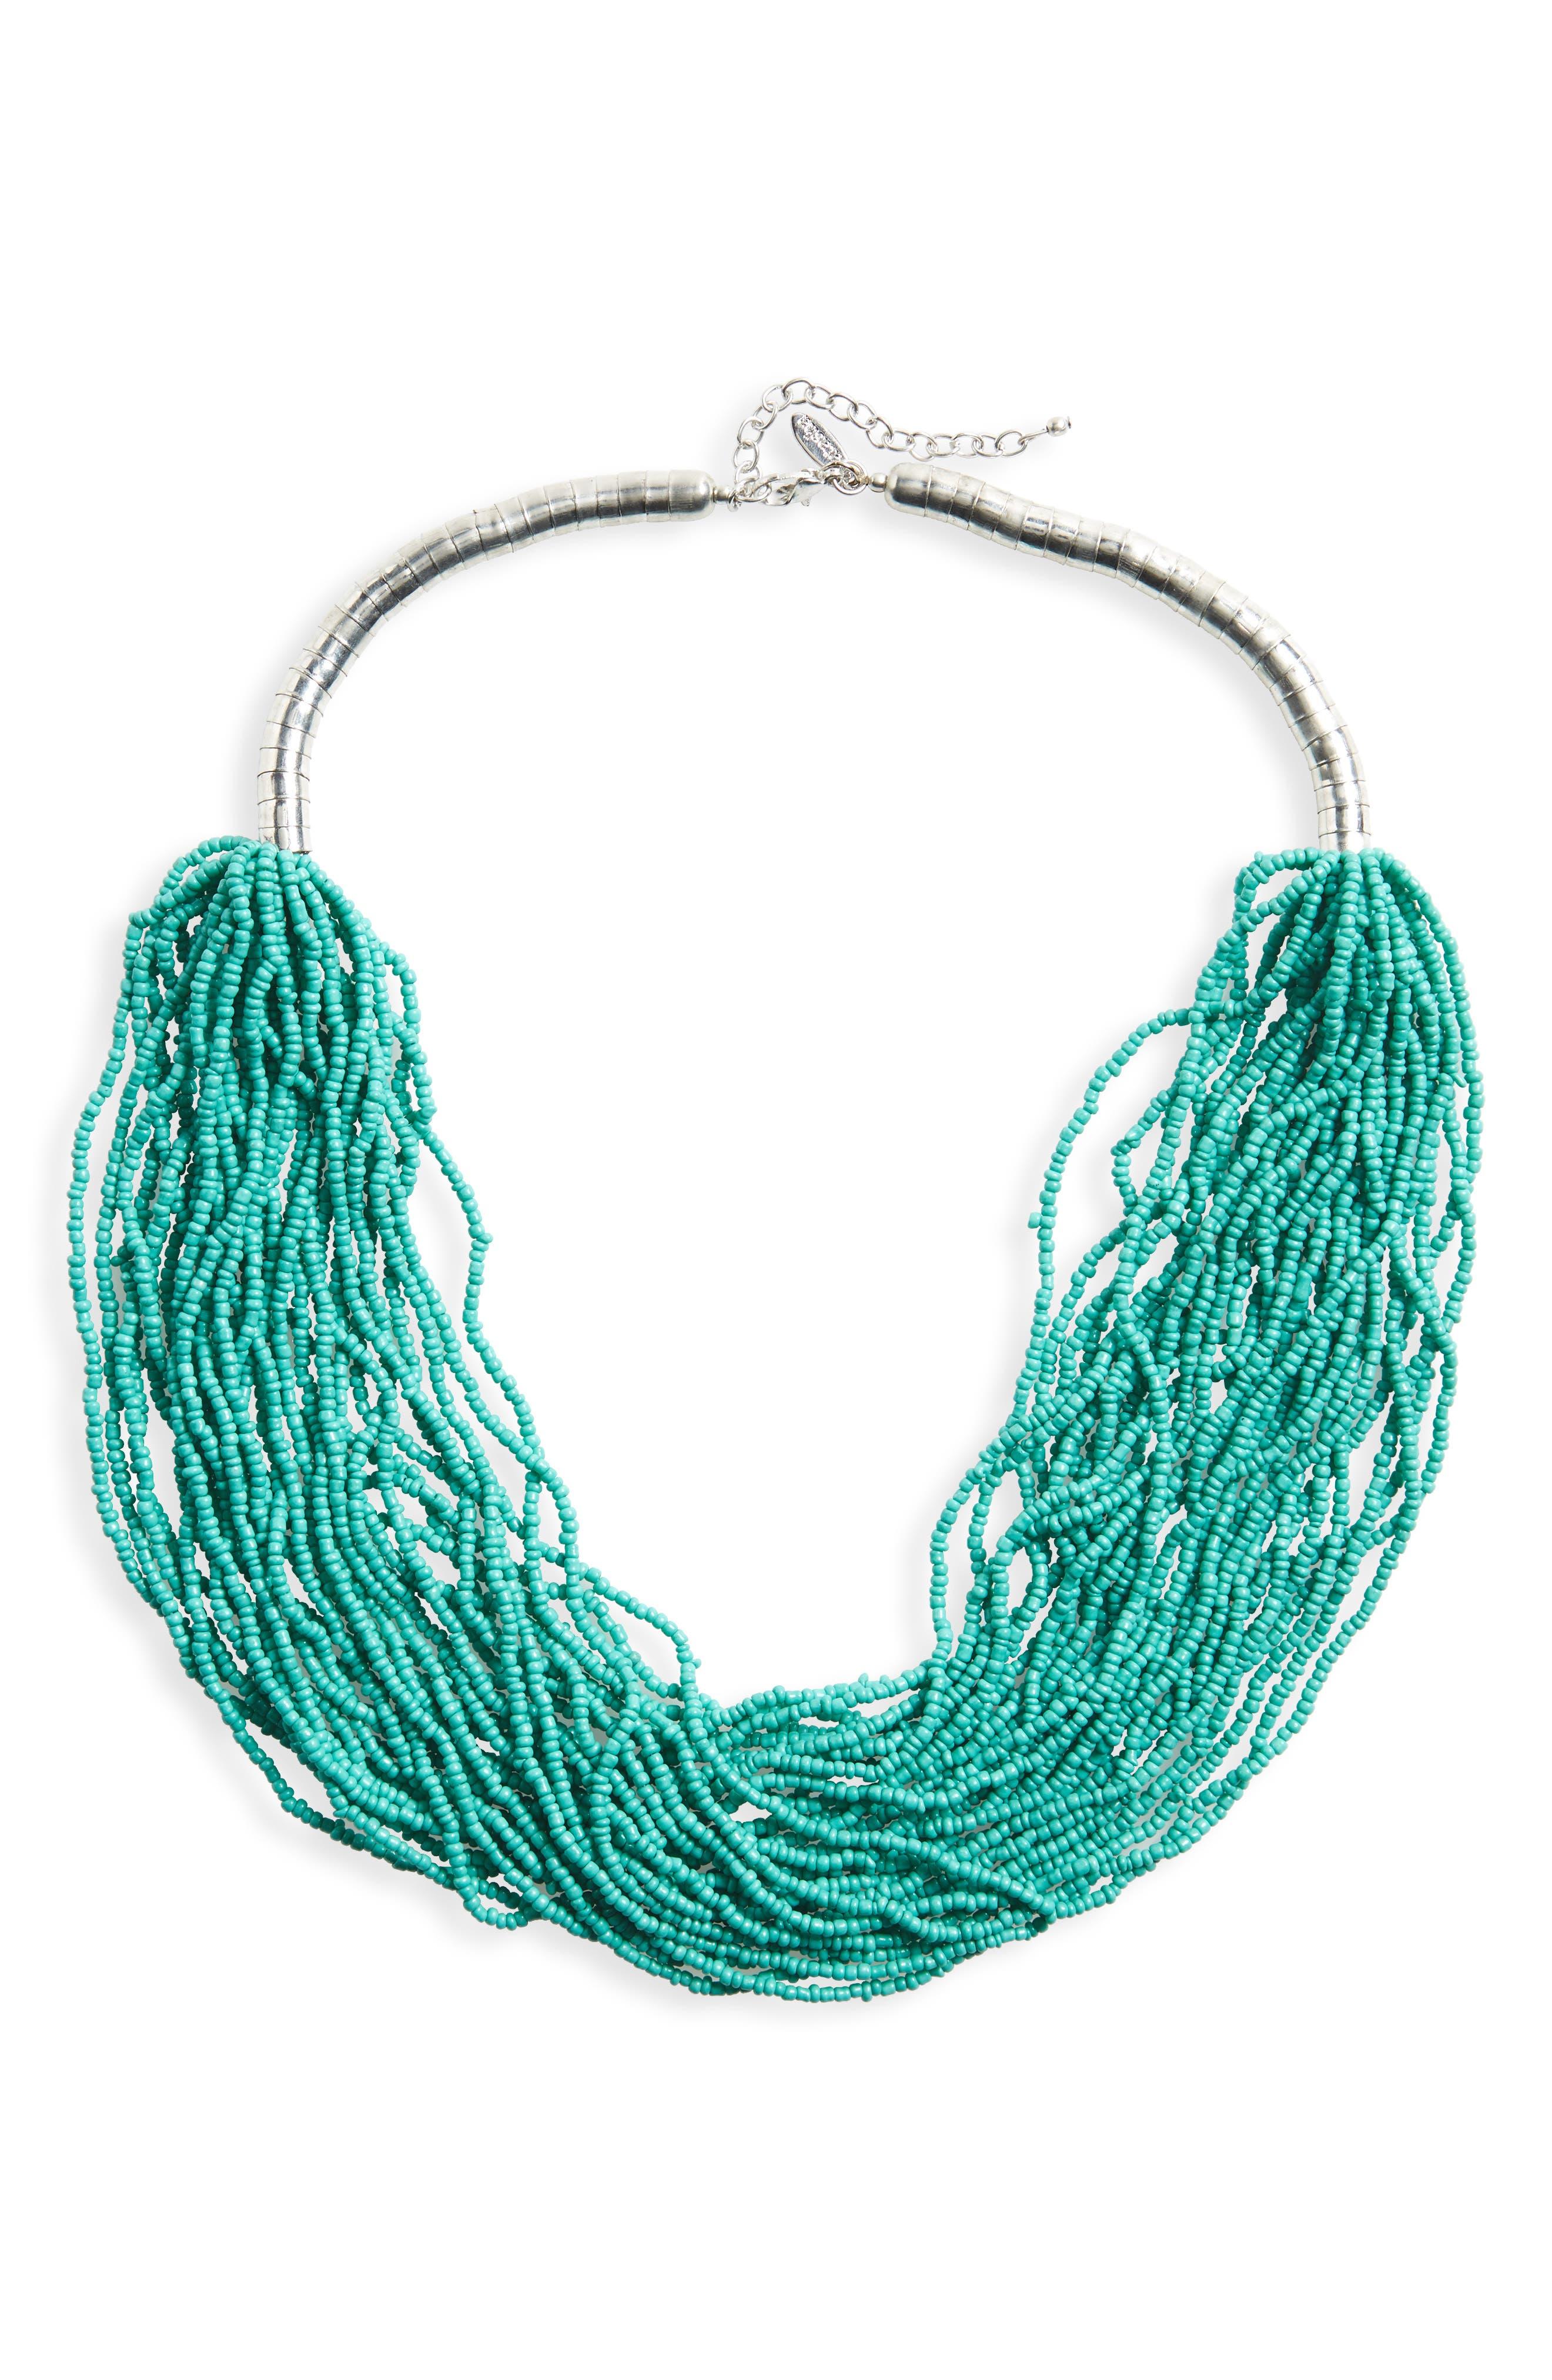 Main Image - Natasha Beaded Multistrand Necklace